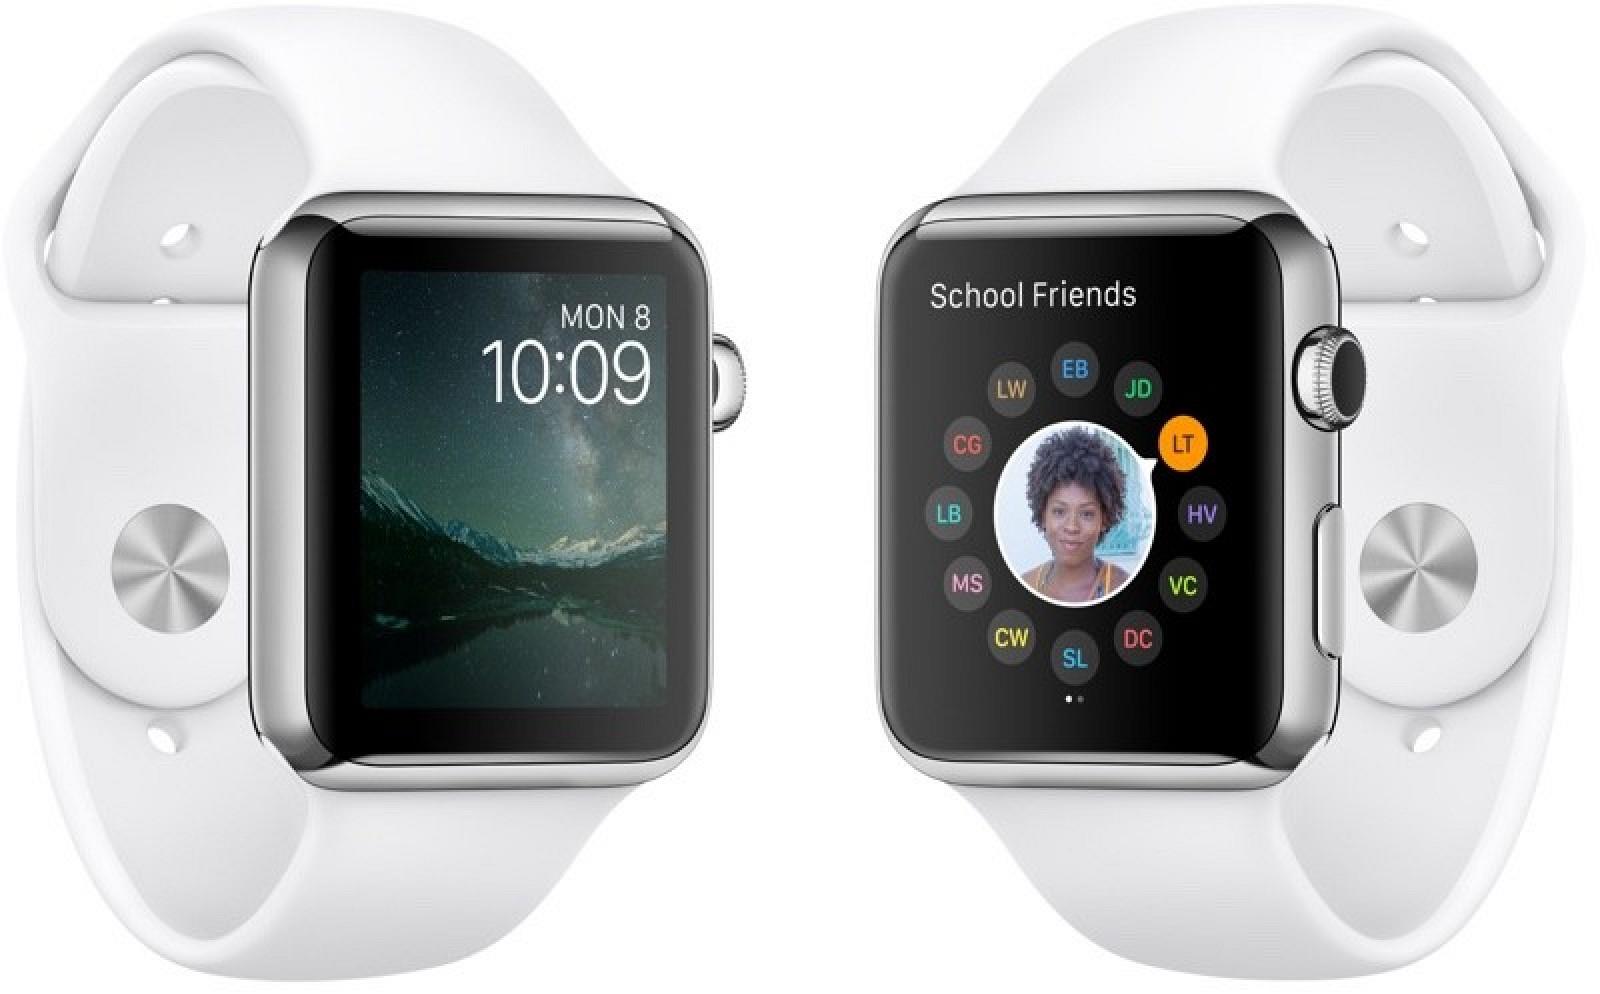 Apple WatchOS 2 Features